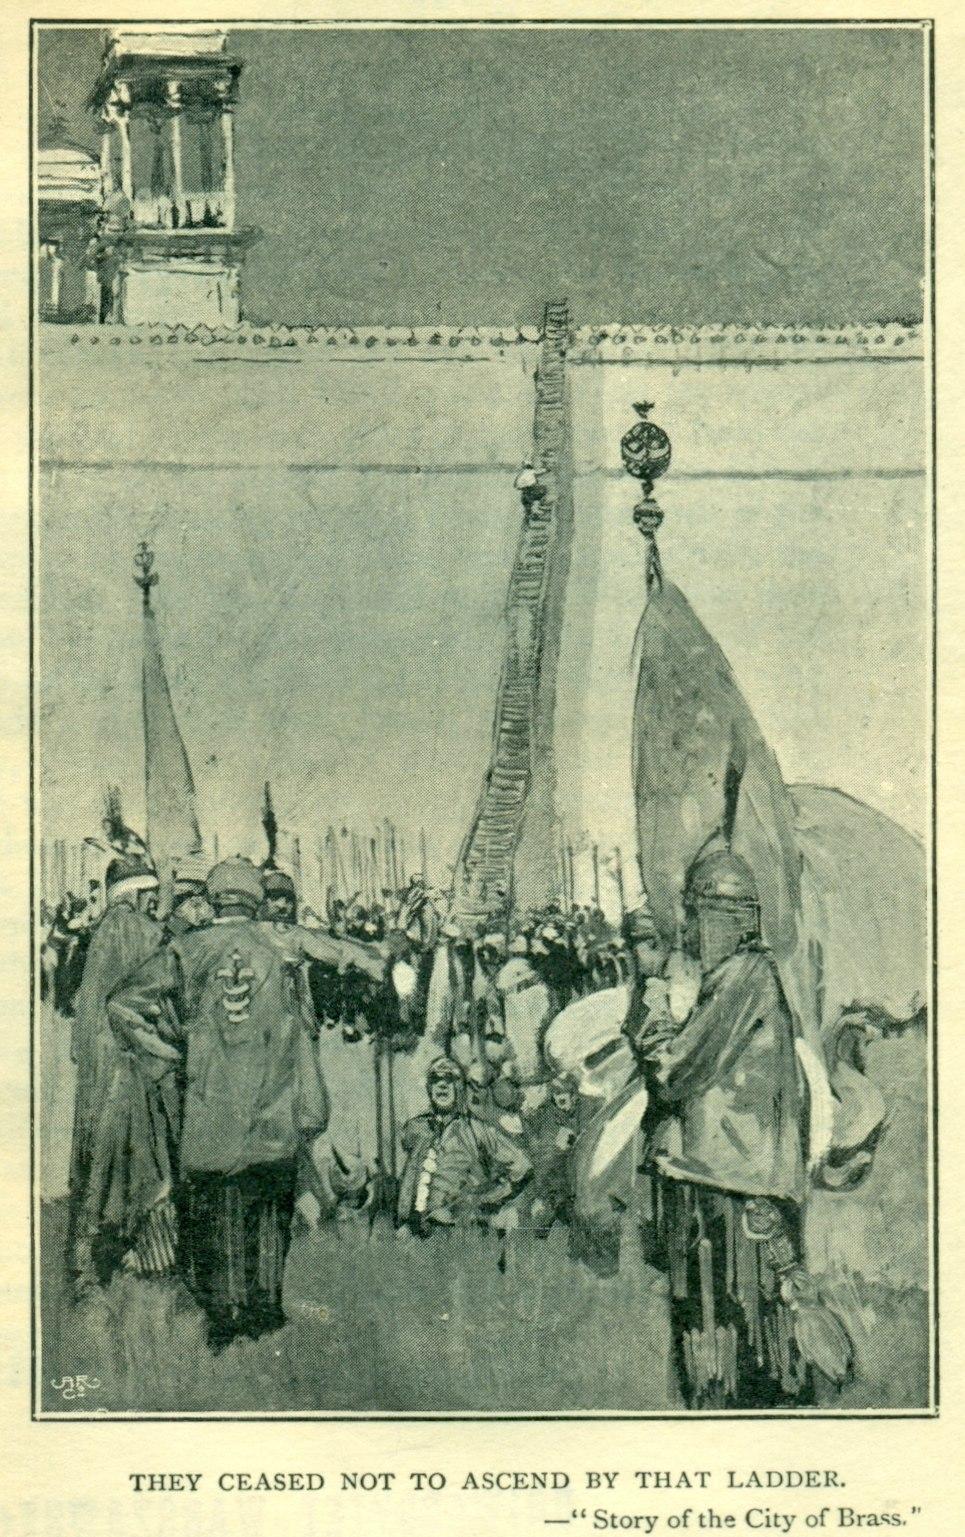 Brangwyn, Arabian Nights, Vol 4, 1896 (6)